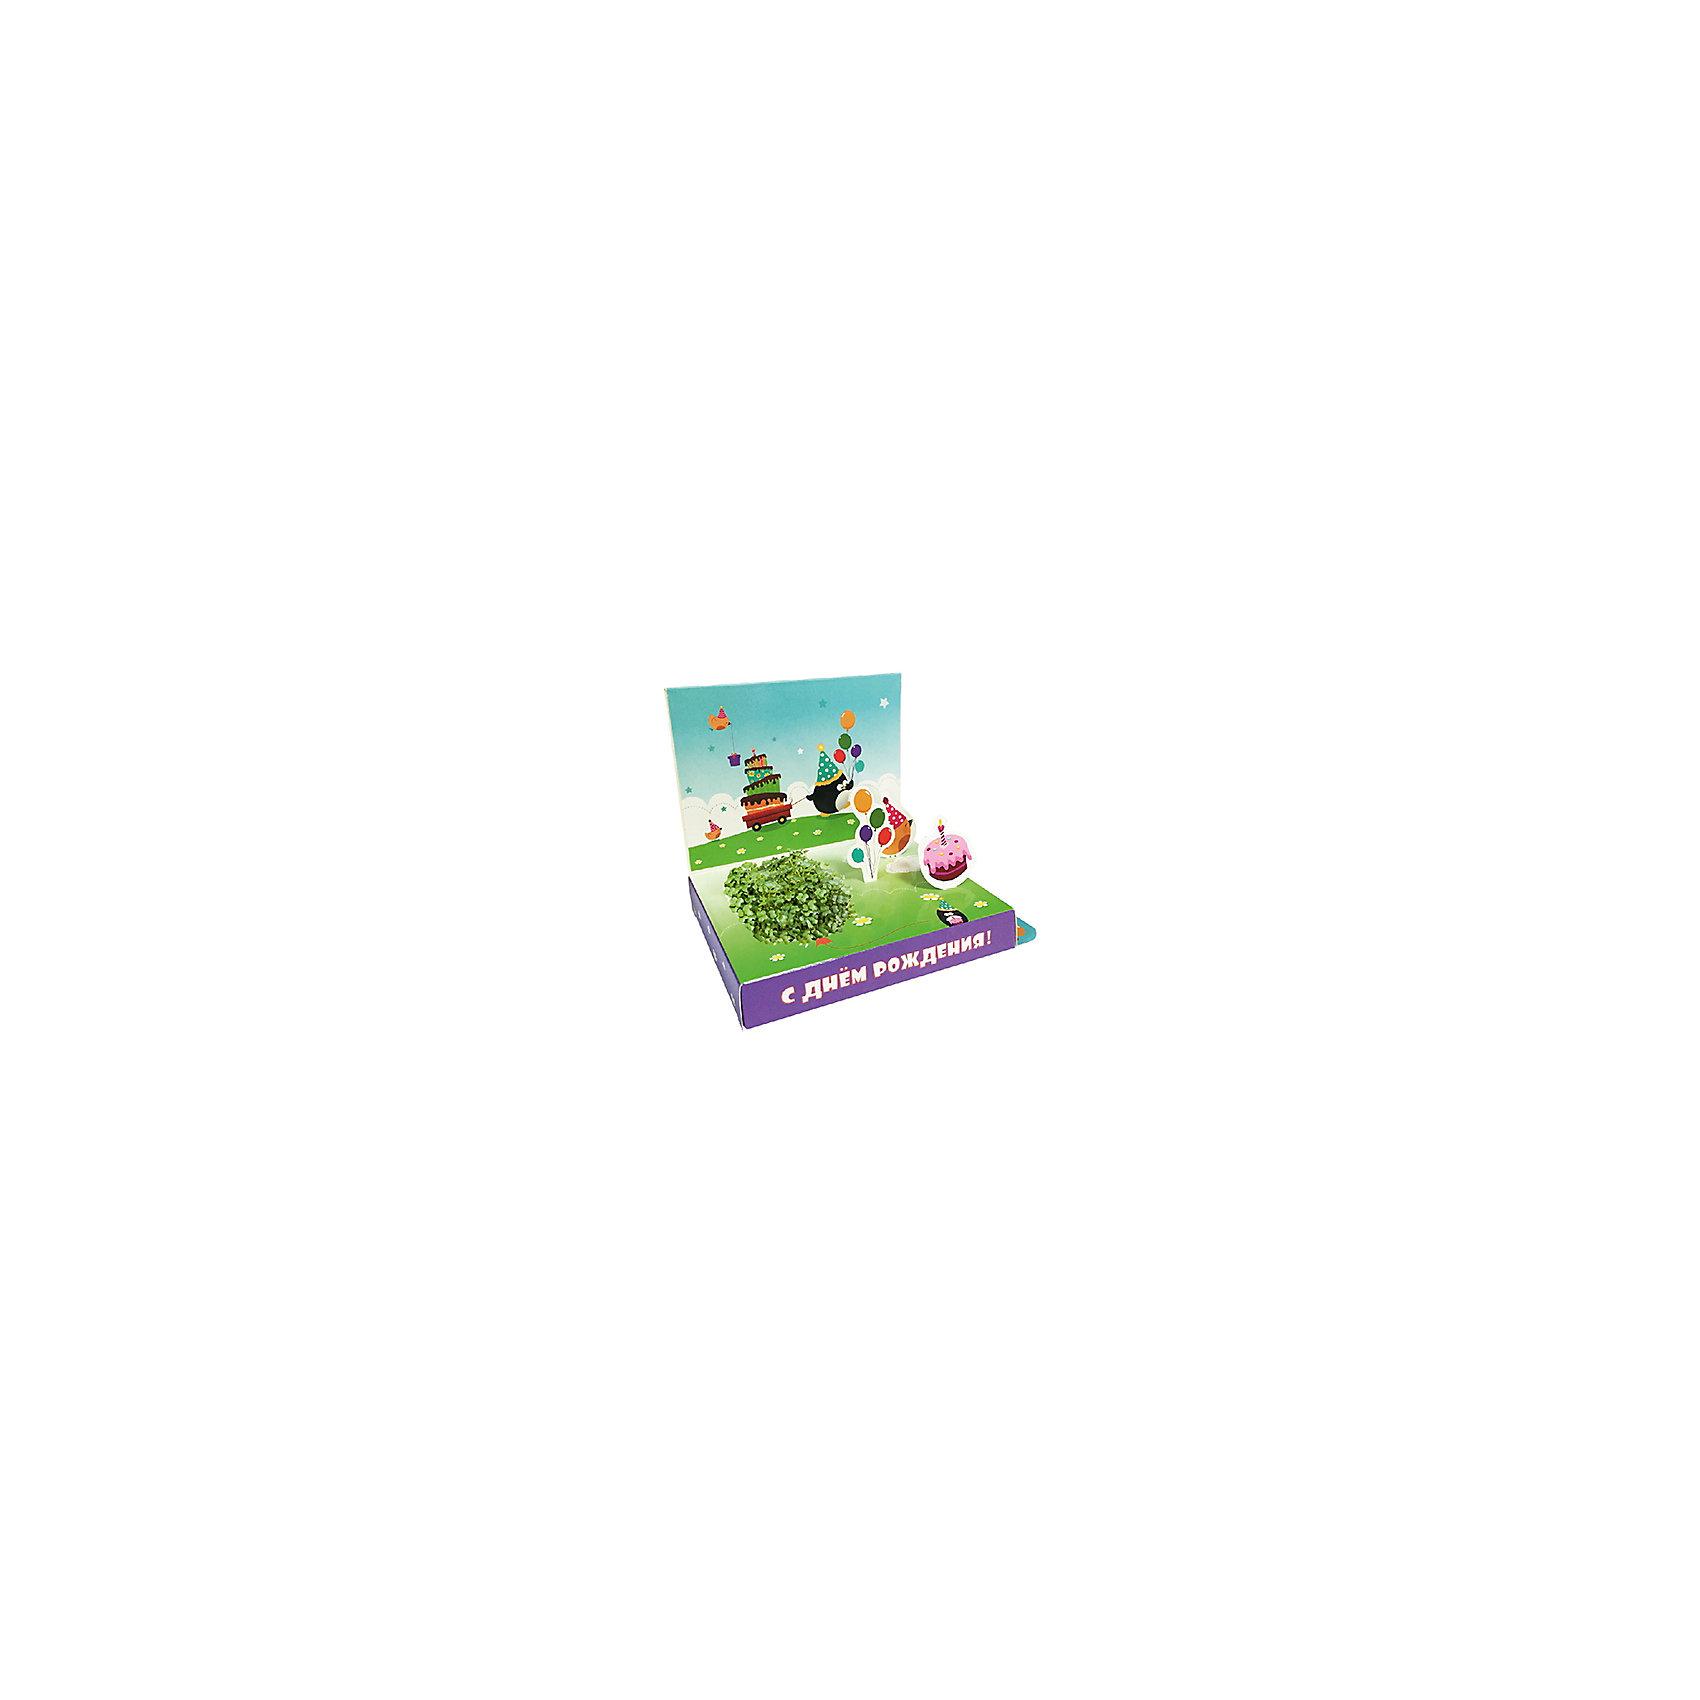 Подарочный набор для выращивания С Днем рождения - Пингвин Happy PlantВыращивание растений<br>Подарочный набор С днем рождения! (Пингвинчик), Happy Plant.<br><br>Характеристики:<br><br>• возможность вырастить настоящую травку, не выходя из дома<br>• прост в использовании<br>• подходит в качестве подарка<br>• есть место для поздравительной надписи<br>• безопасные материалы<br>• гарантия качества<br>• в комплекте: открытка, фигурки, семена, контейнер для растений, агроткань<br>• размер упаковки: 15х11х2,5 см<br>• вес: 30 грамм<br><br>Набор С днем рождения станет приятным и необычным подарком близкому человеку. С его помощью ребенок сможет создать свой мини-садик. Благодаря пошаговой инструкции, он не запутается в последовательности процесса. Качественные семена базилика и агроткань гарантируют стопроцентный результат. Открытка украшена веселым пингвинчиком и другими праздничными атрибутами. Сзади есть специальное место для поздравлений и теплых слов. Такой оригинальный подарок придется по вкусу каждому!<br><br>Подарочный набор С днем рождения! (Пингвинчик), Happy Plant вы можете купить в нашем интернет-магазине.<br><br>Ширина мм: 150<br>Глубина мм: 80<br>Высота мм: 25<br>Вес г: 30<br>Возраст от месяцев: 168<br>Возраст до месяцев: 240<br>Пол: Унисекс<br>Возраст: Детский<br>SKU: 5053970